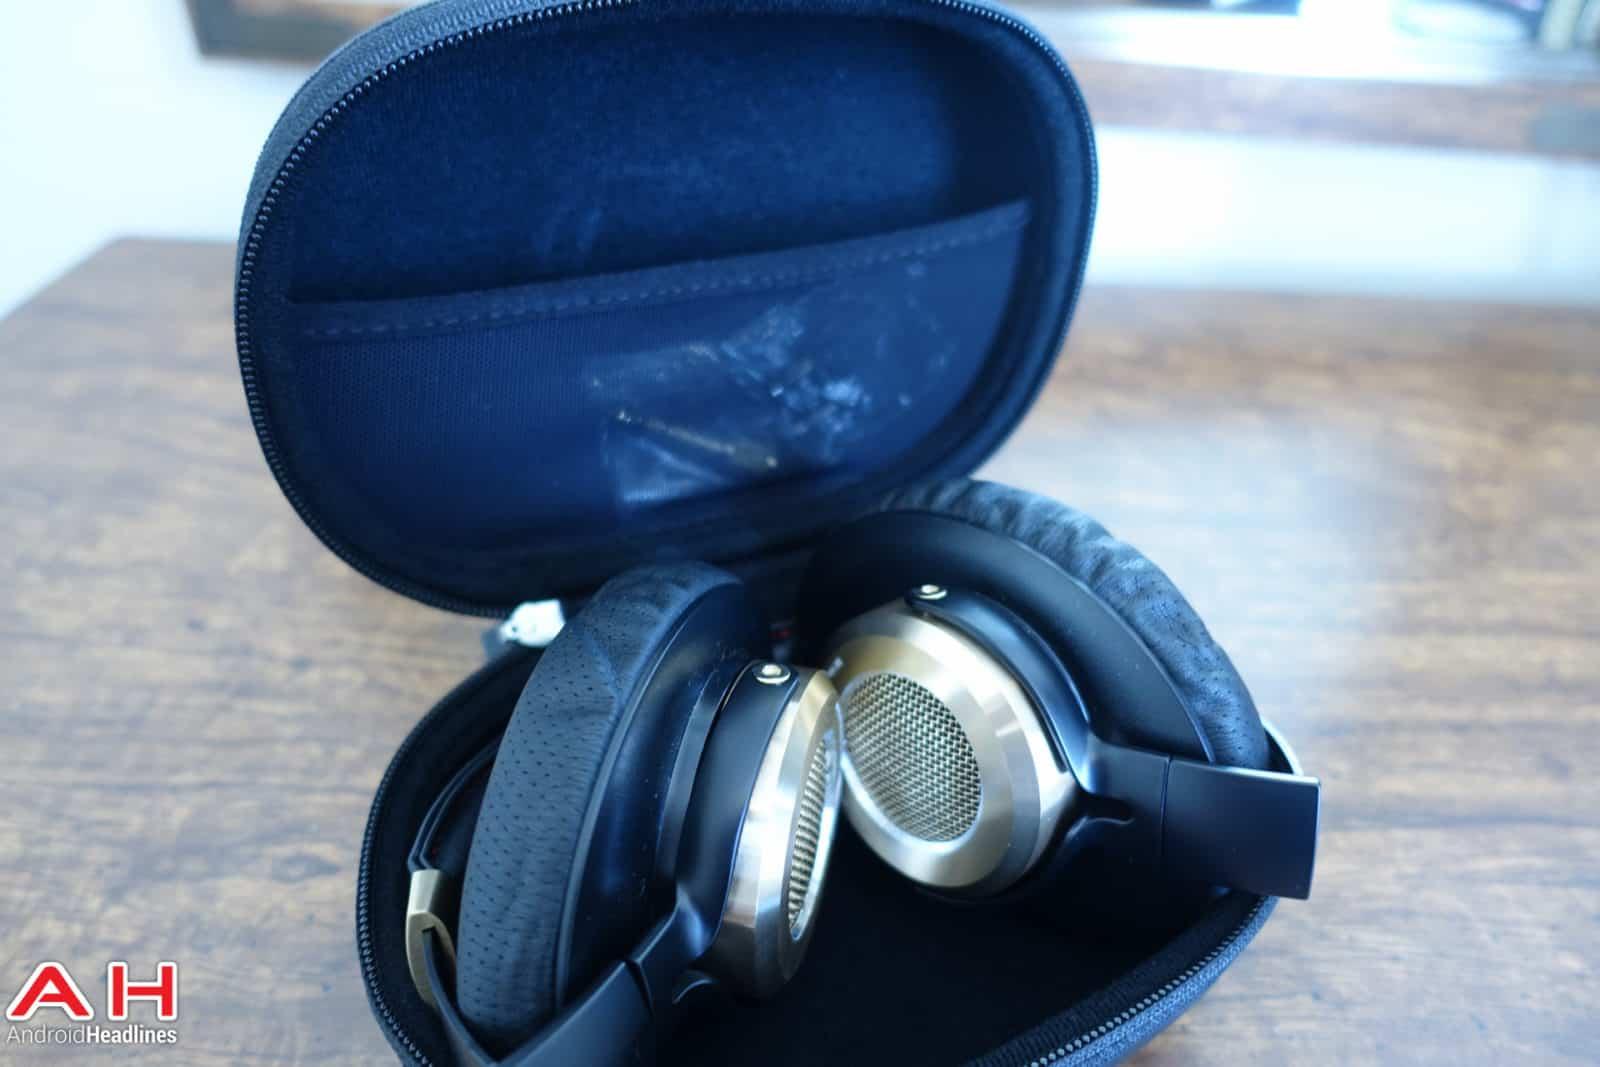 Xiaomi-Mi-Headphones-AH-03757